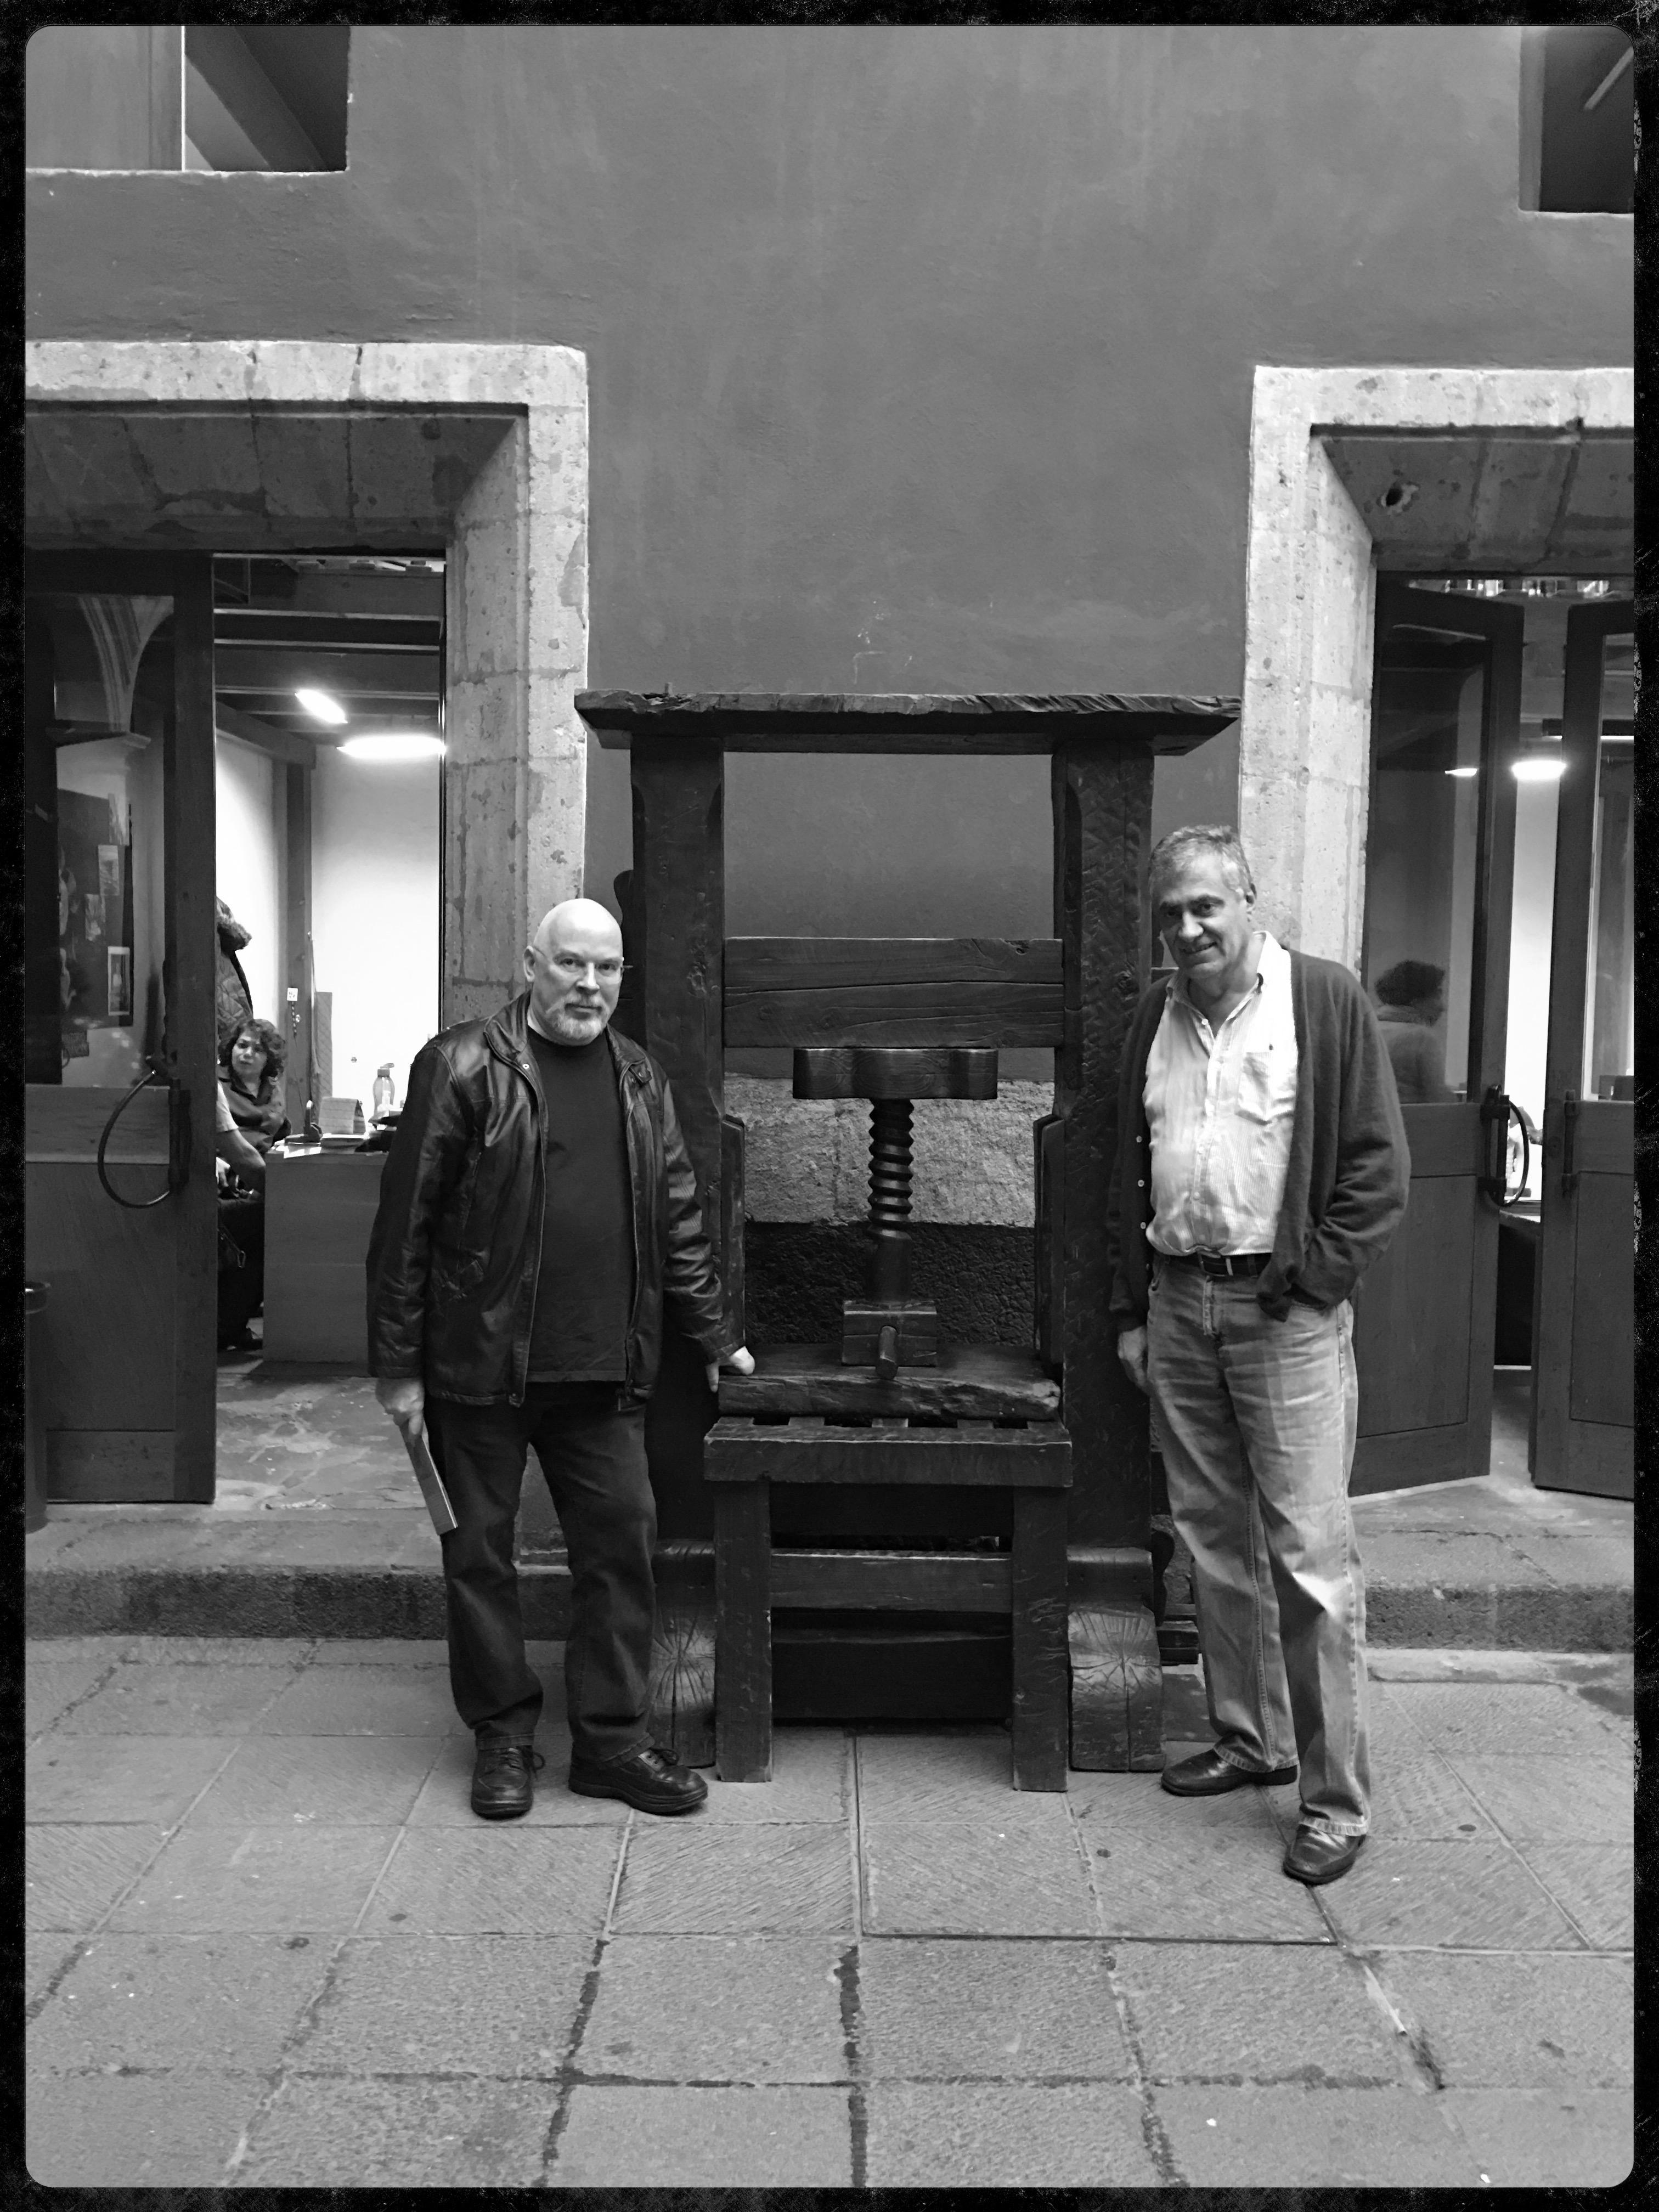 Dos amigos imaginando una exposición sobre pasado, presente y futuro del libro para el 2017